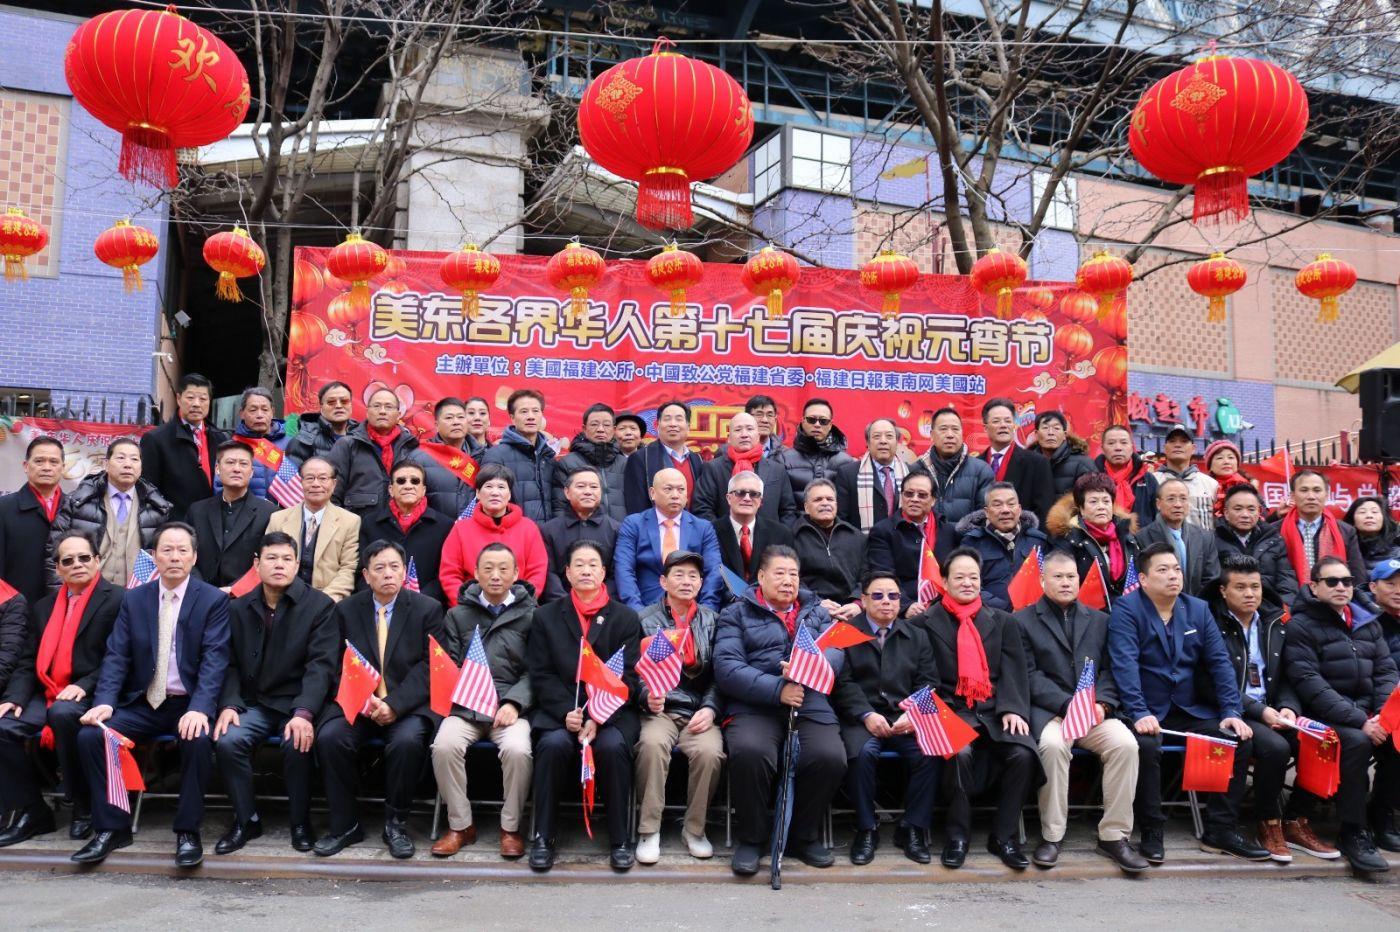 美东各界华人华侨第十七届元宵节庆祝活动在纽约举行_图1-34